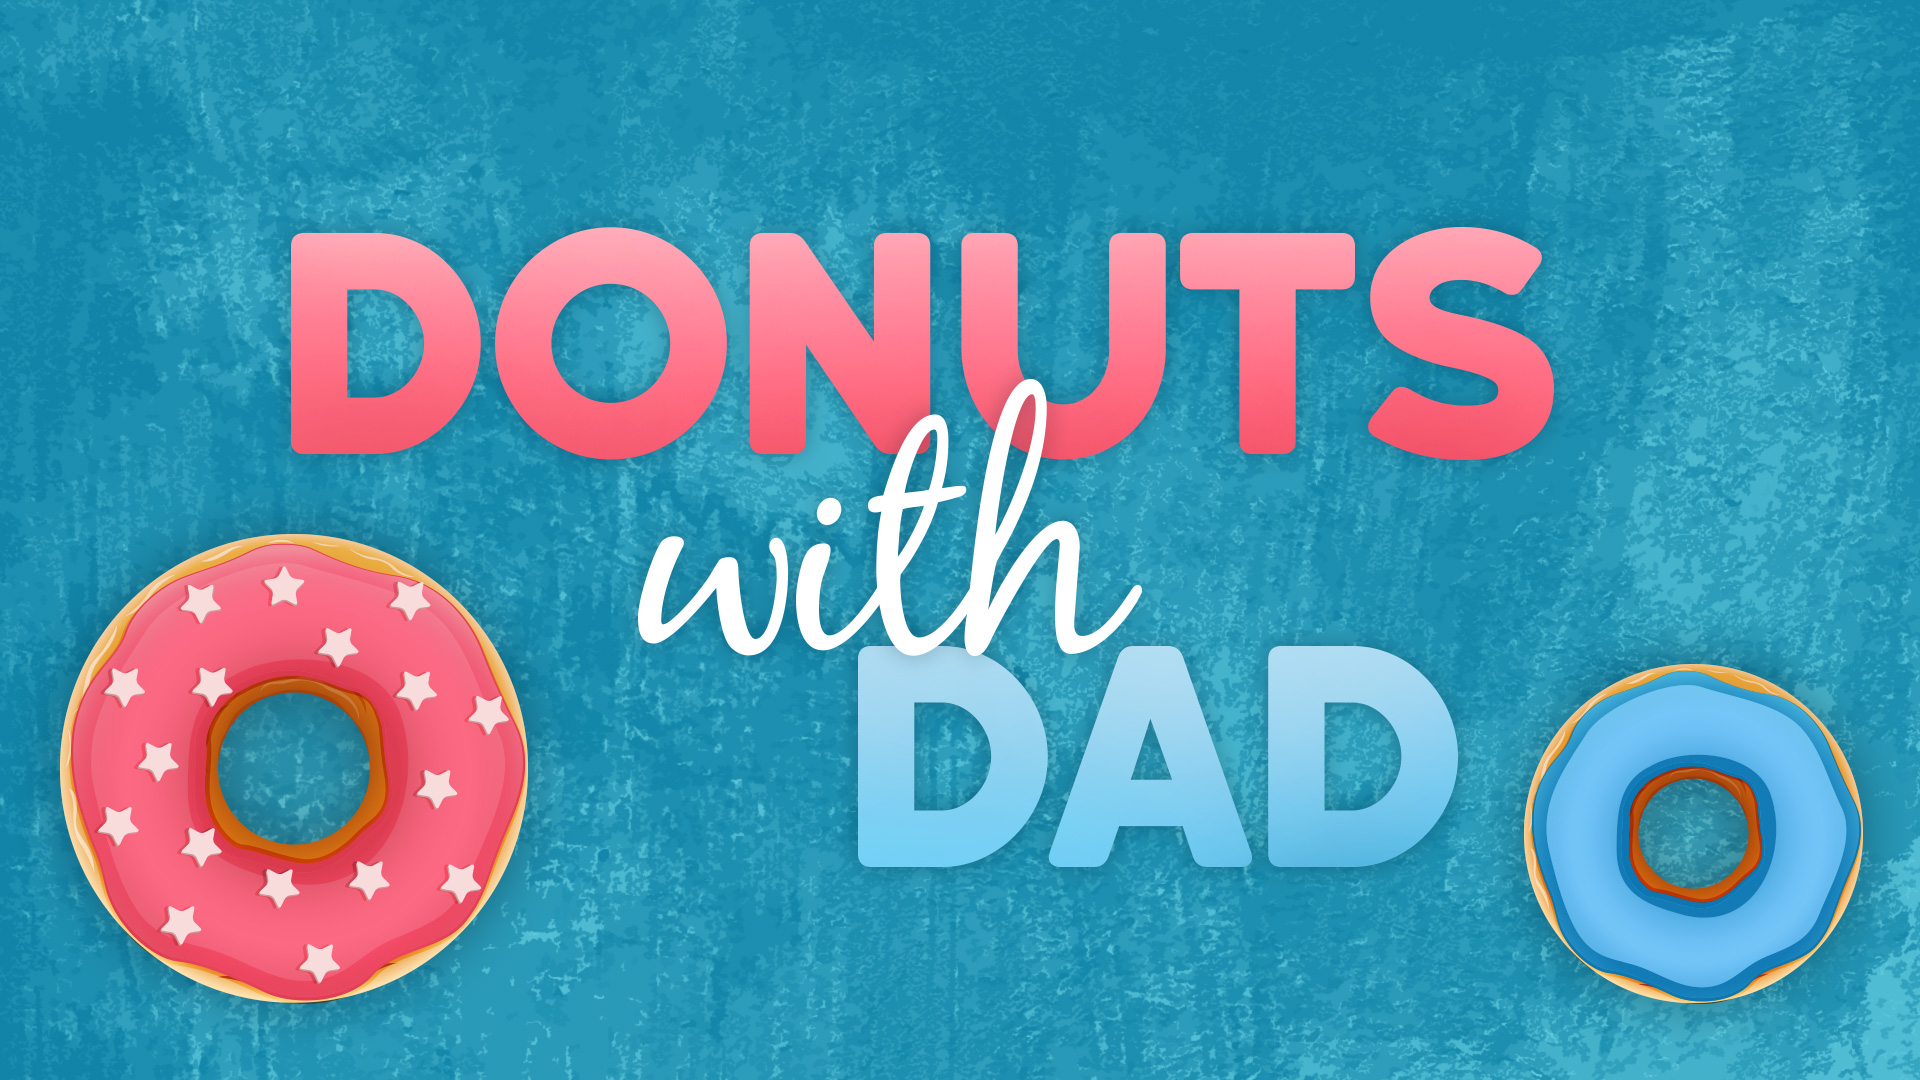 DonutsWithDad.jpg